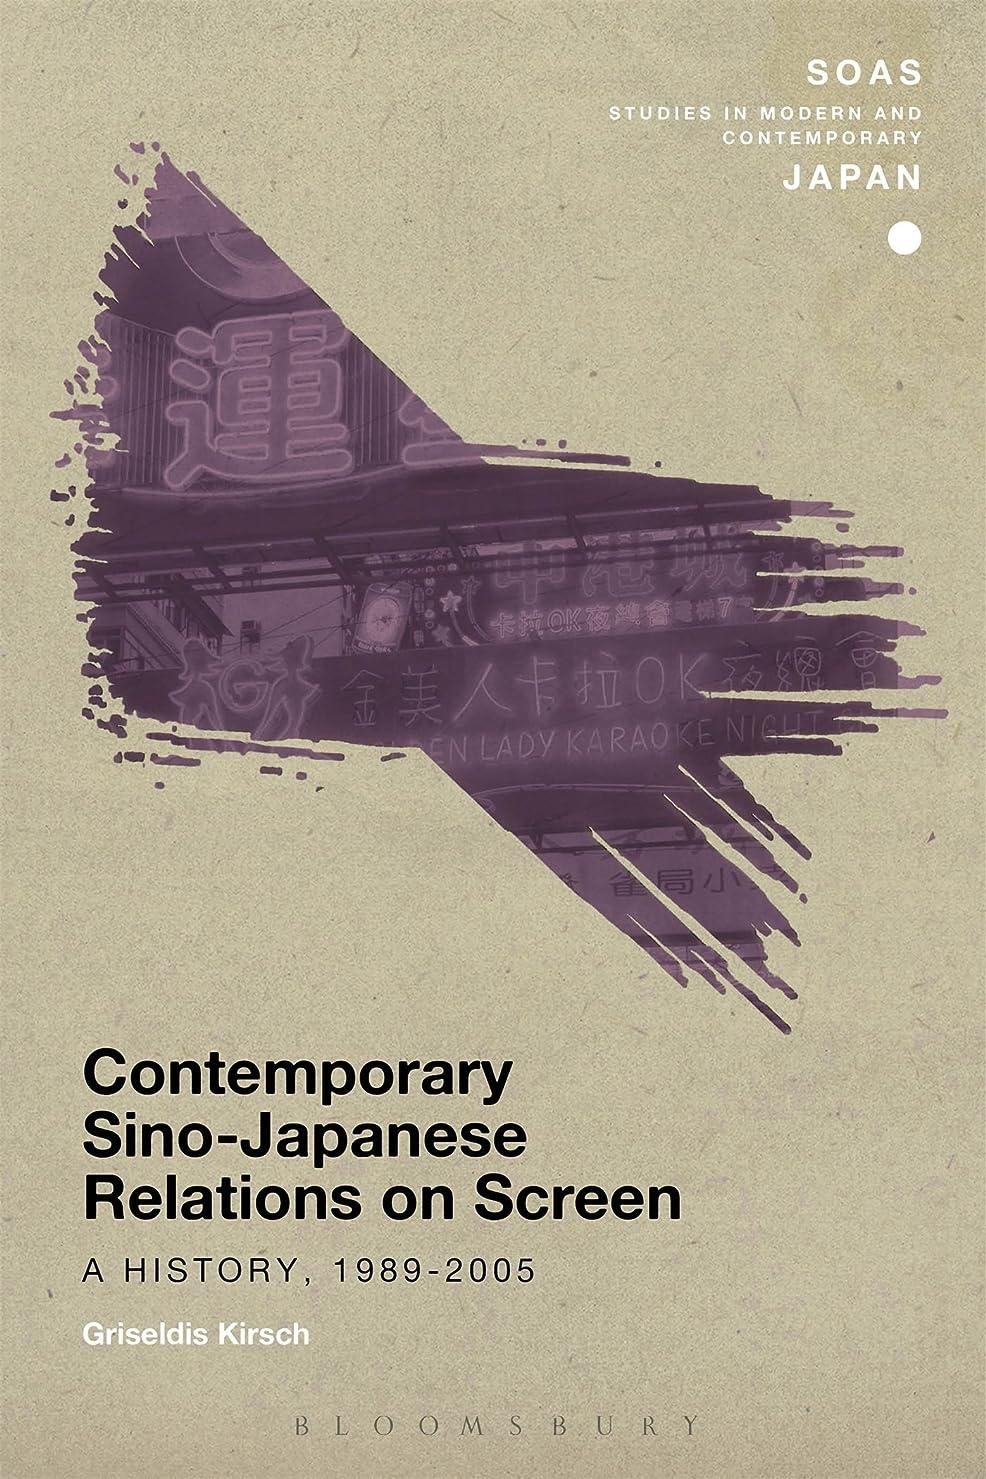 沈黙クリケット歩き回るContemporary Sino-Japanese Relations on Screen: A History 1989-2005 (SOAS Studies in Modern and Contemporary Japan)